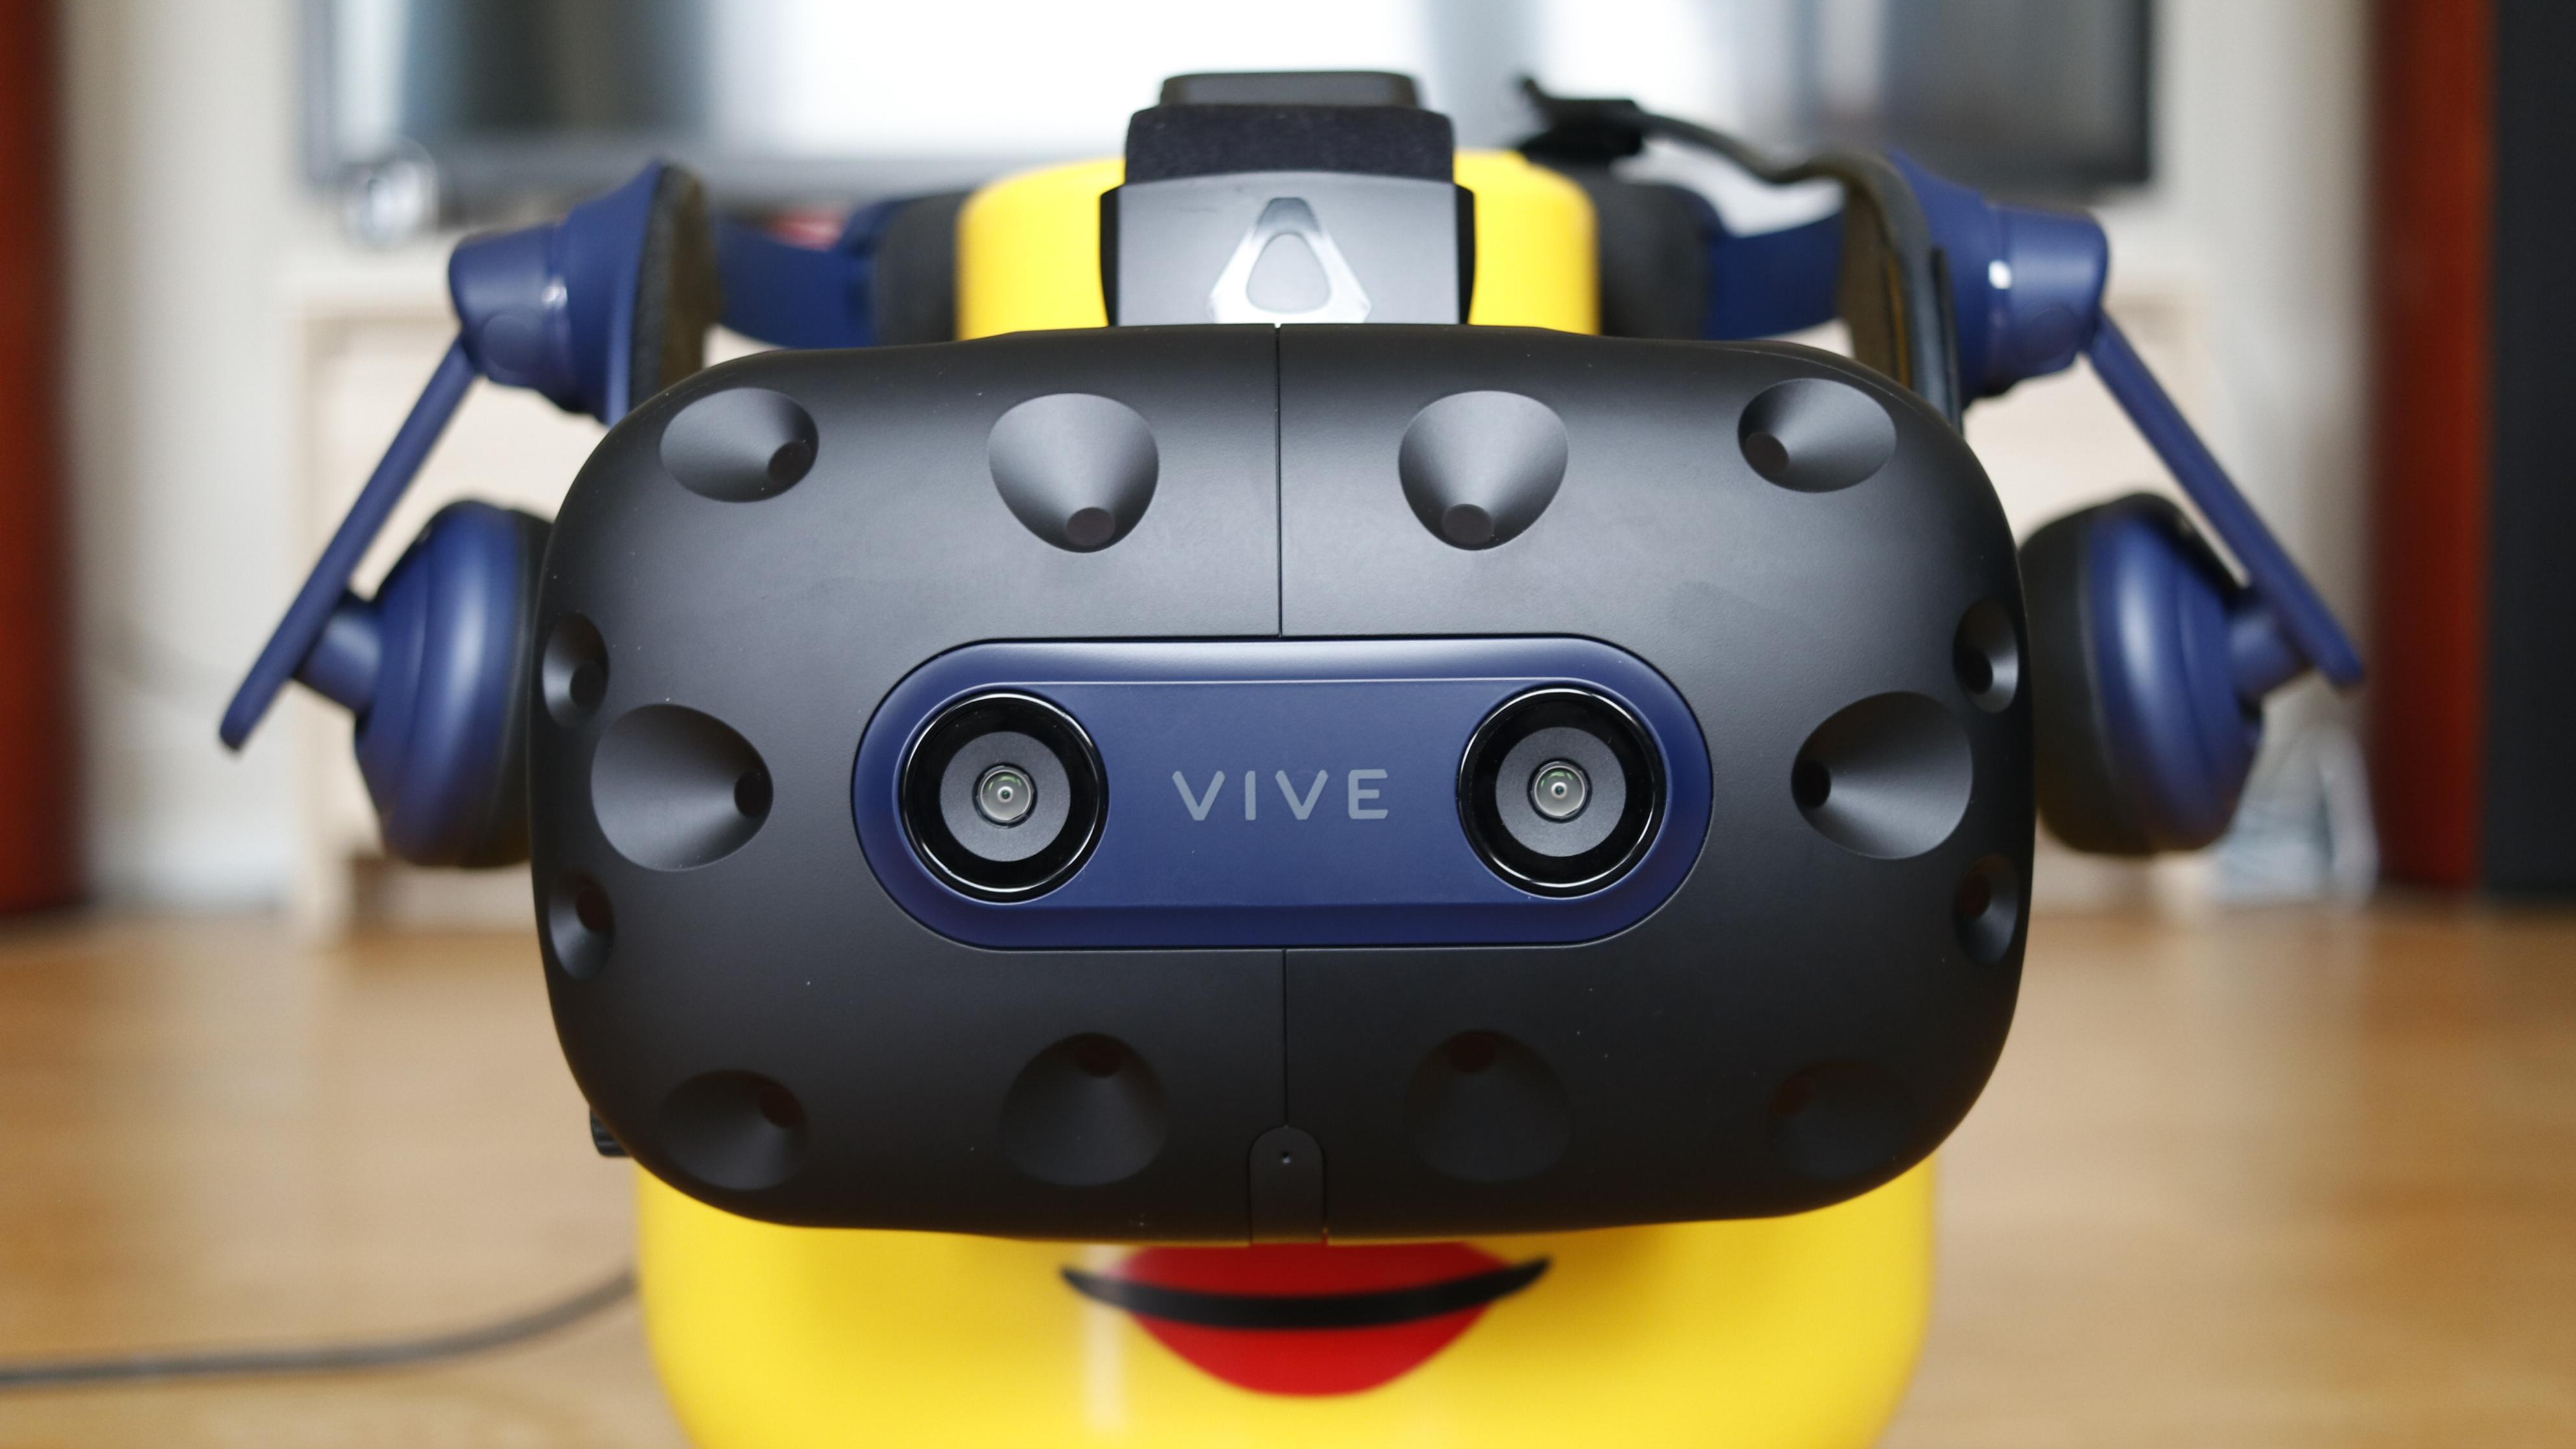 Noe av det aller heftigste VR kan by på akkurat nå